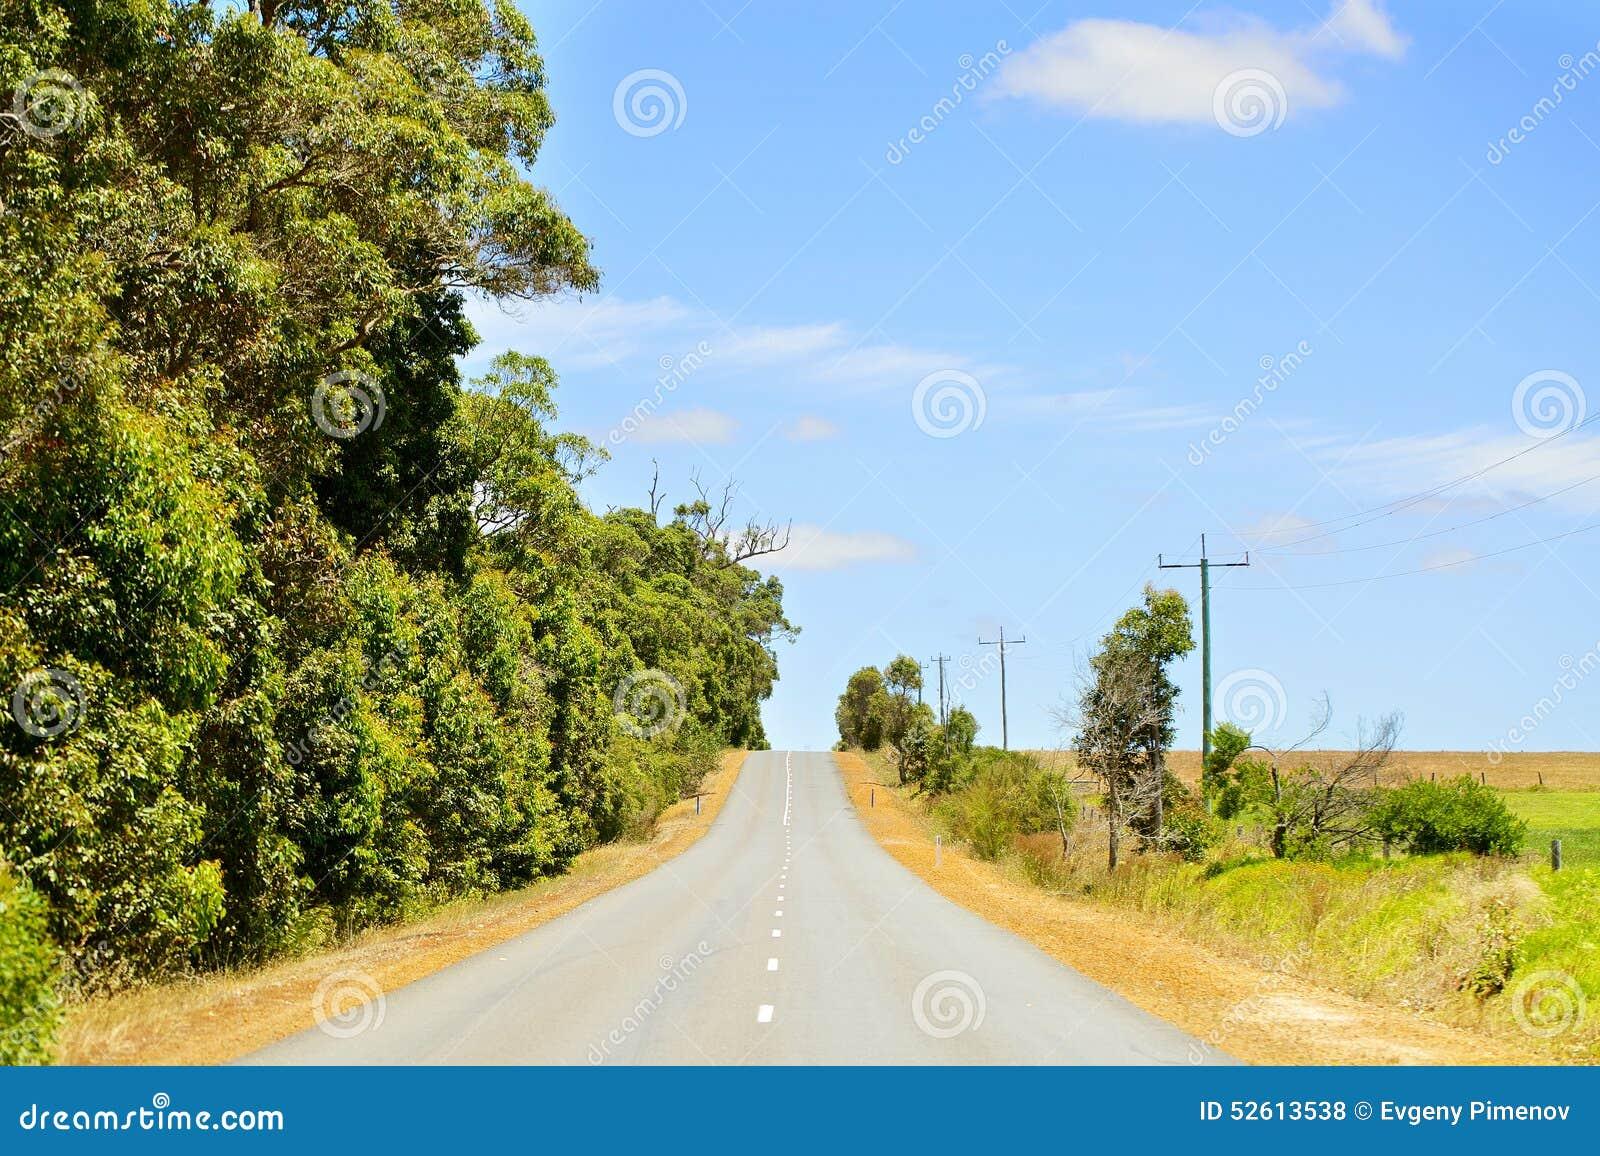 柏油路在澳大利亚乡区